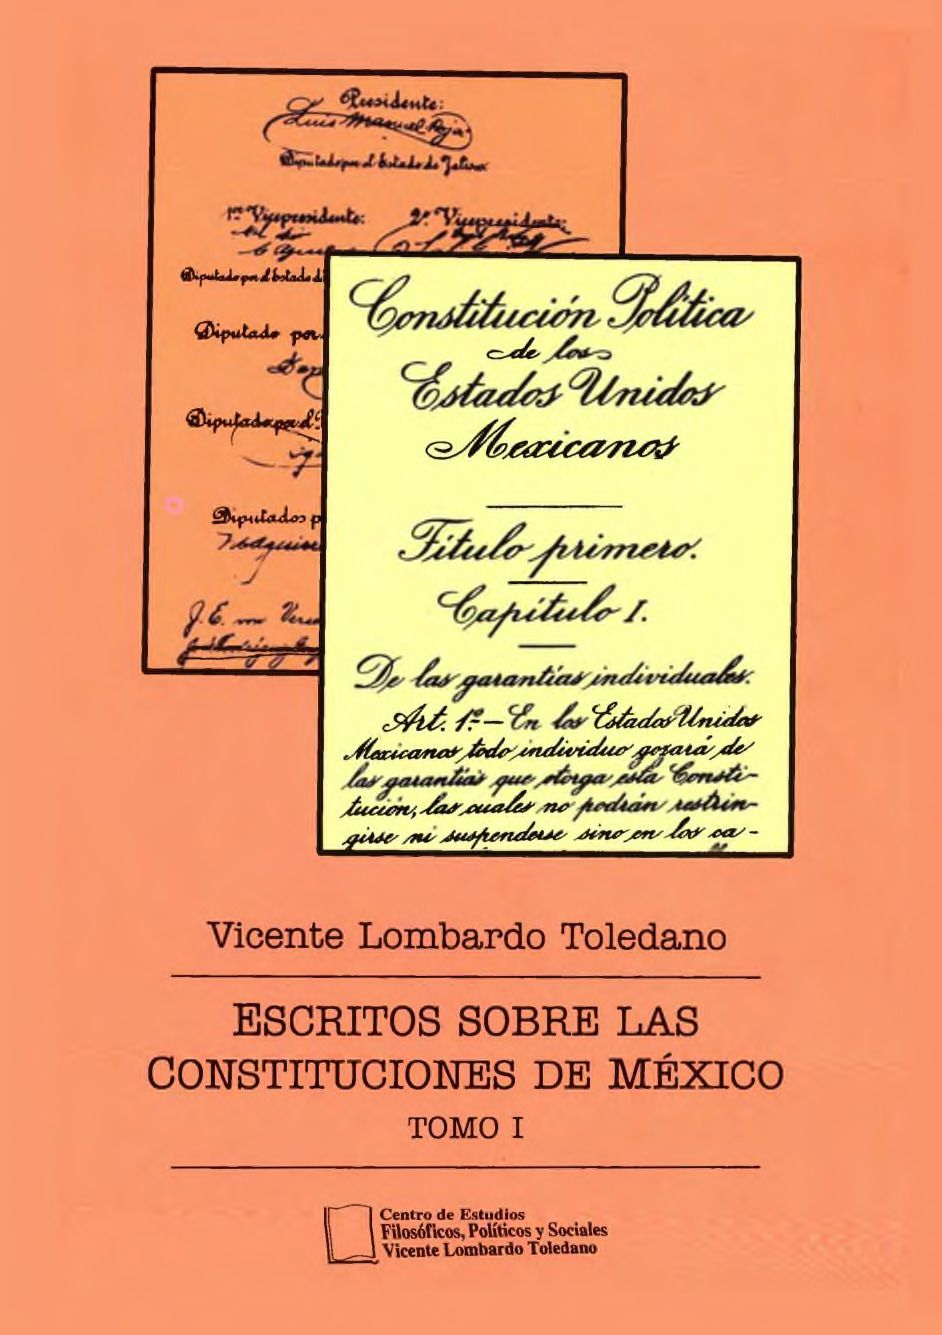 Portada del libro: Escritos sobre las constituciones de México. Tomo I